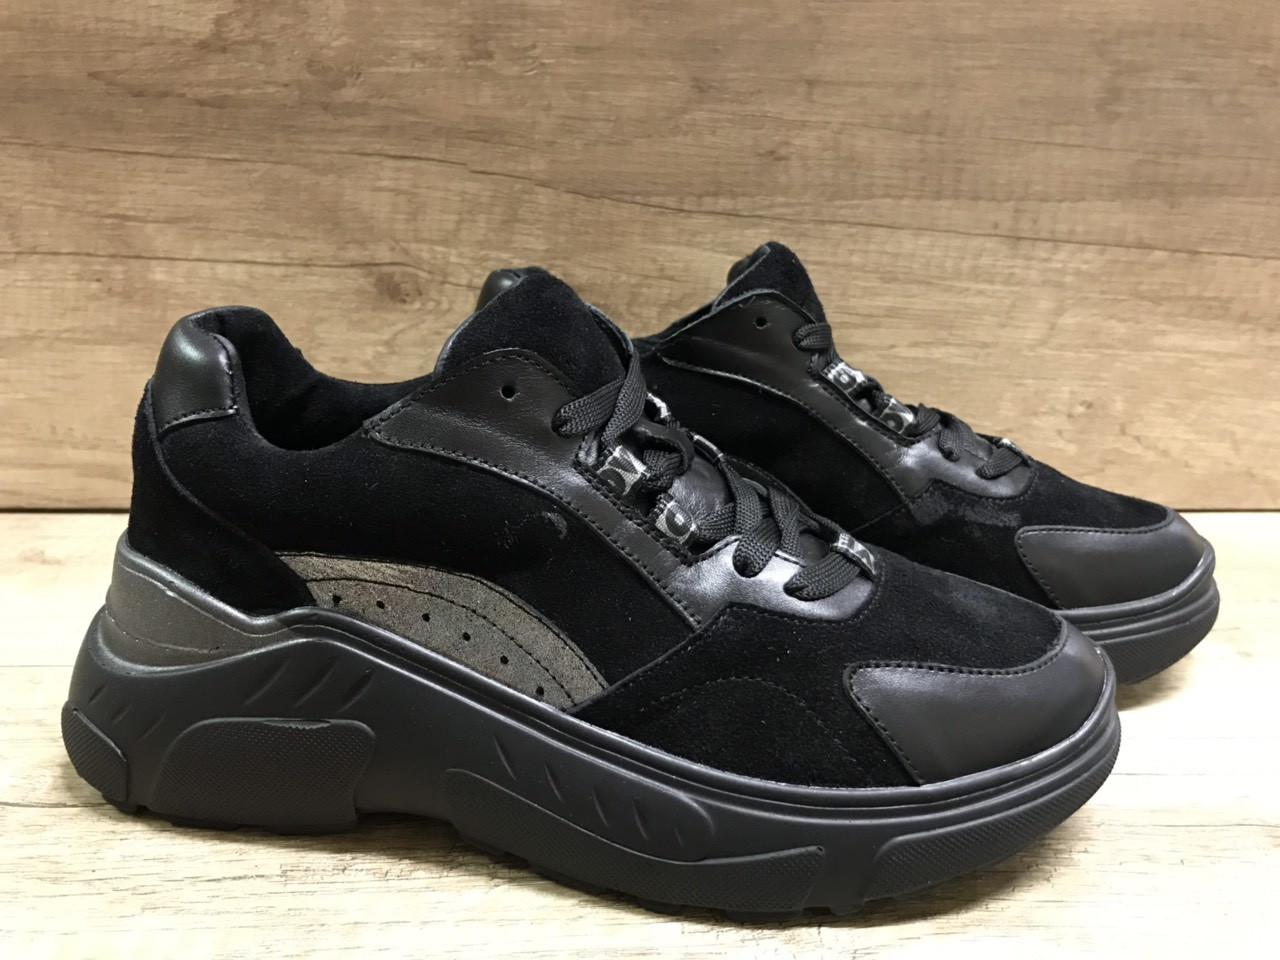 Черные женские кроссовки замша+ кожа 636/58 Anri de collo